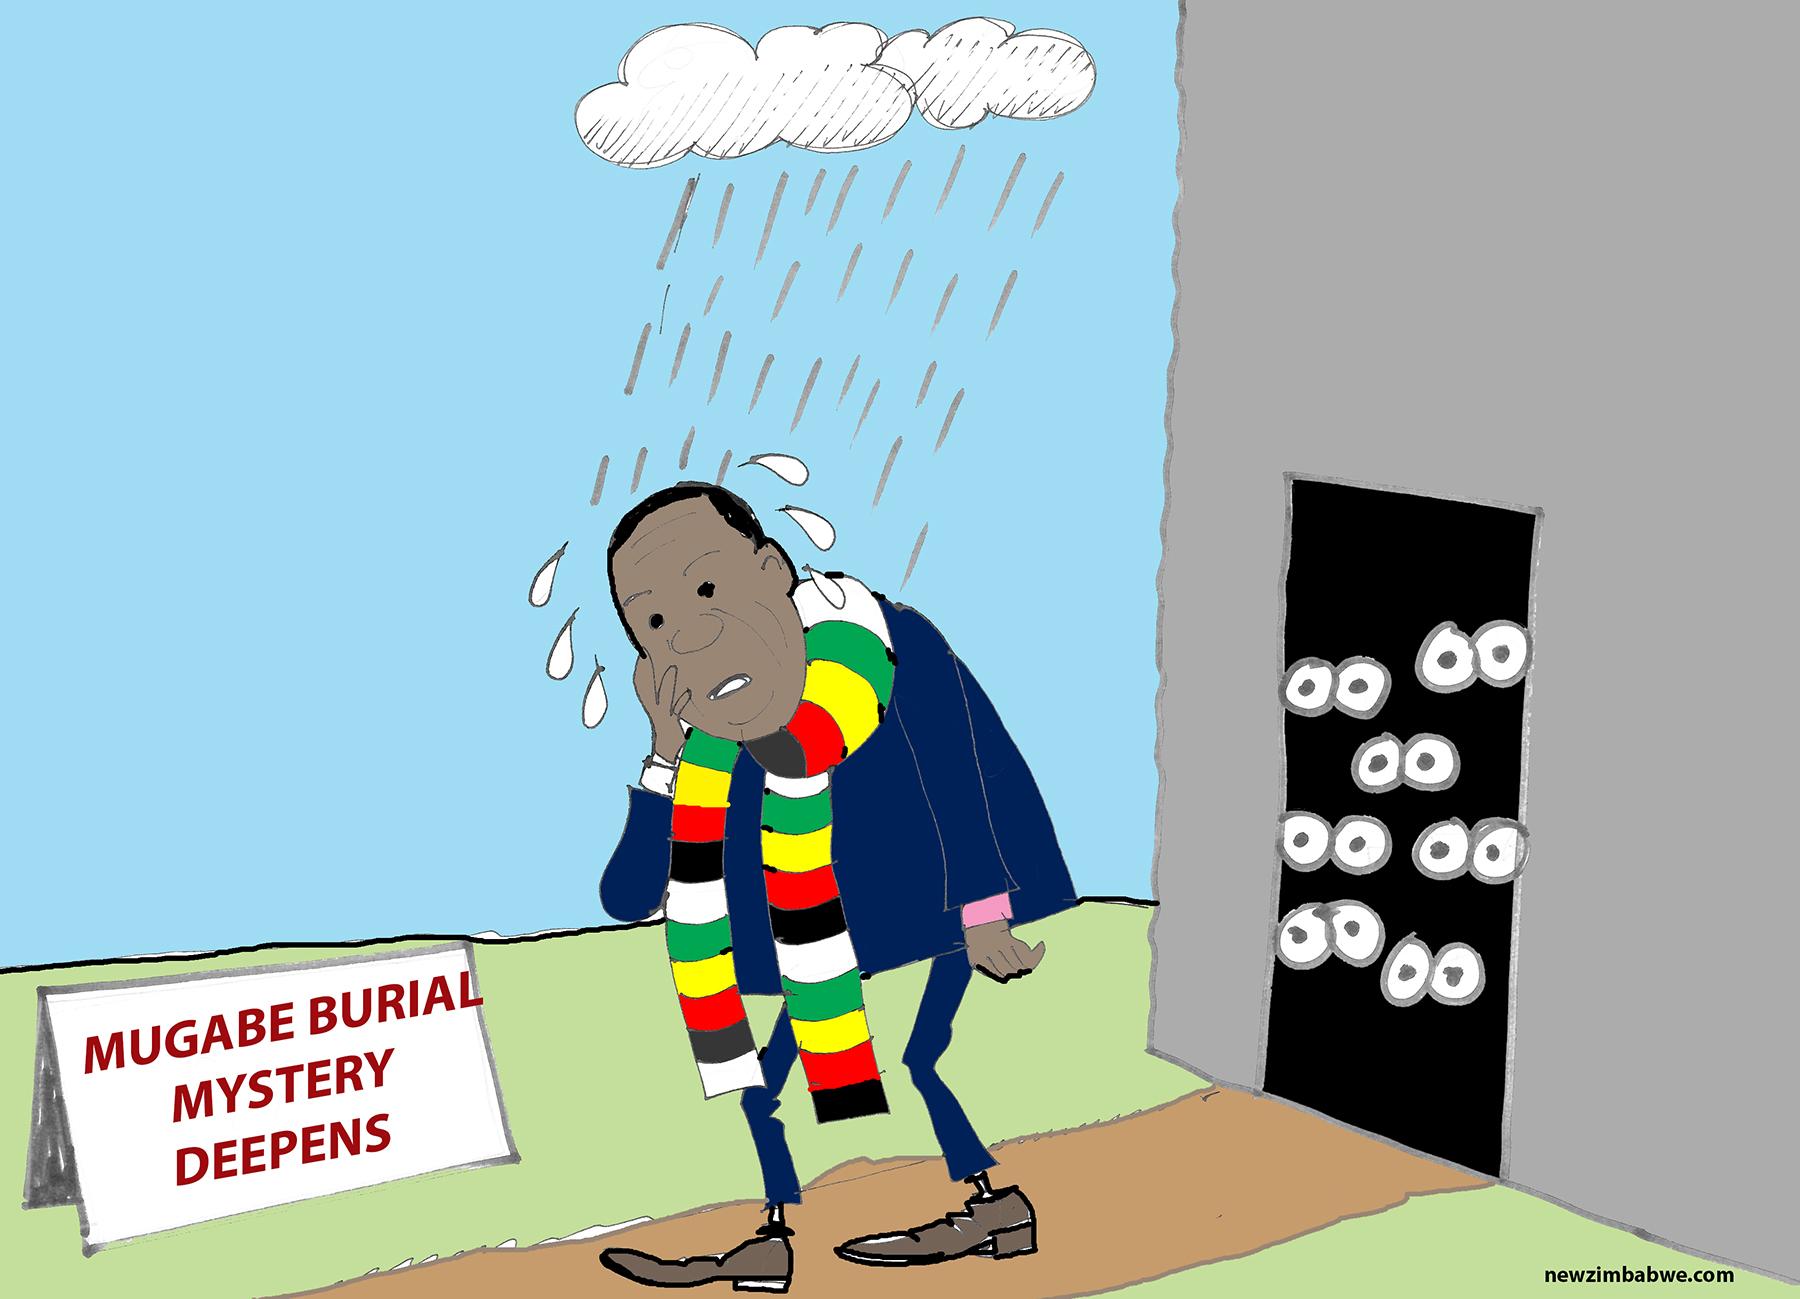 Mugabe burial drama